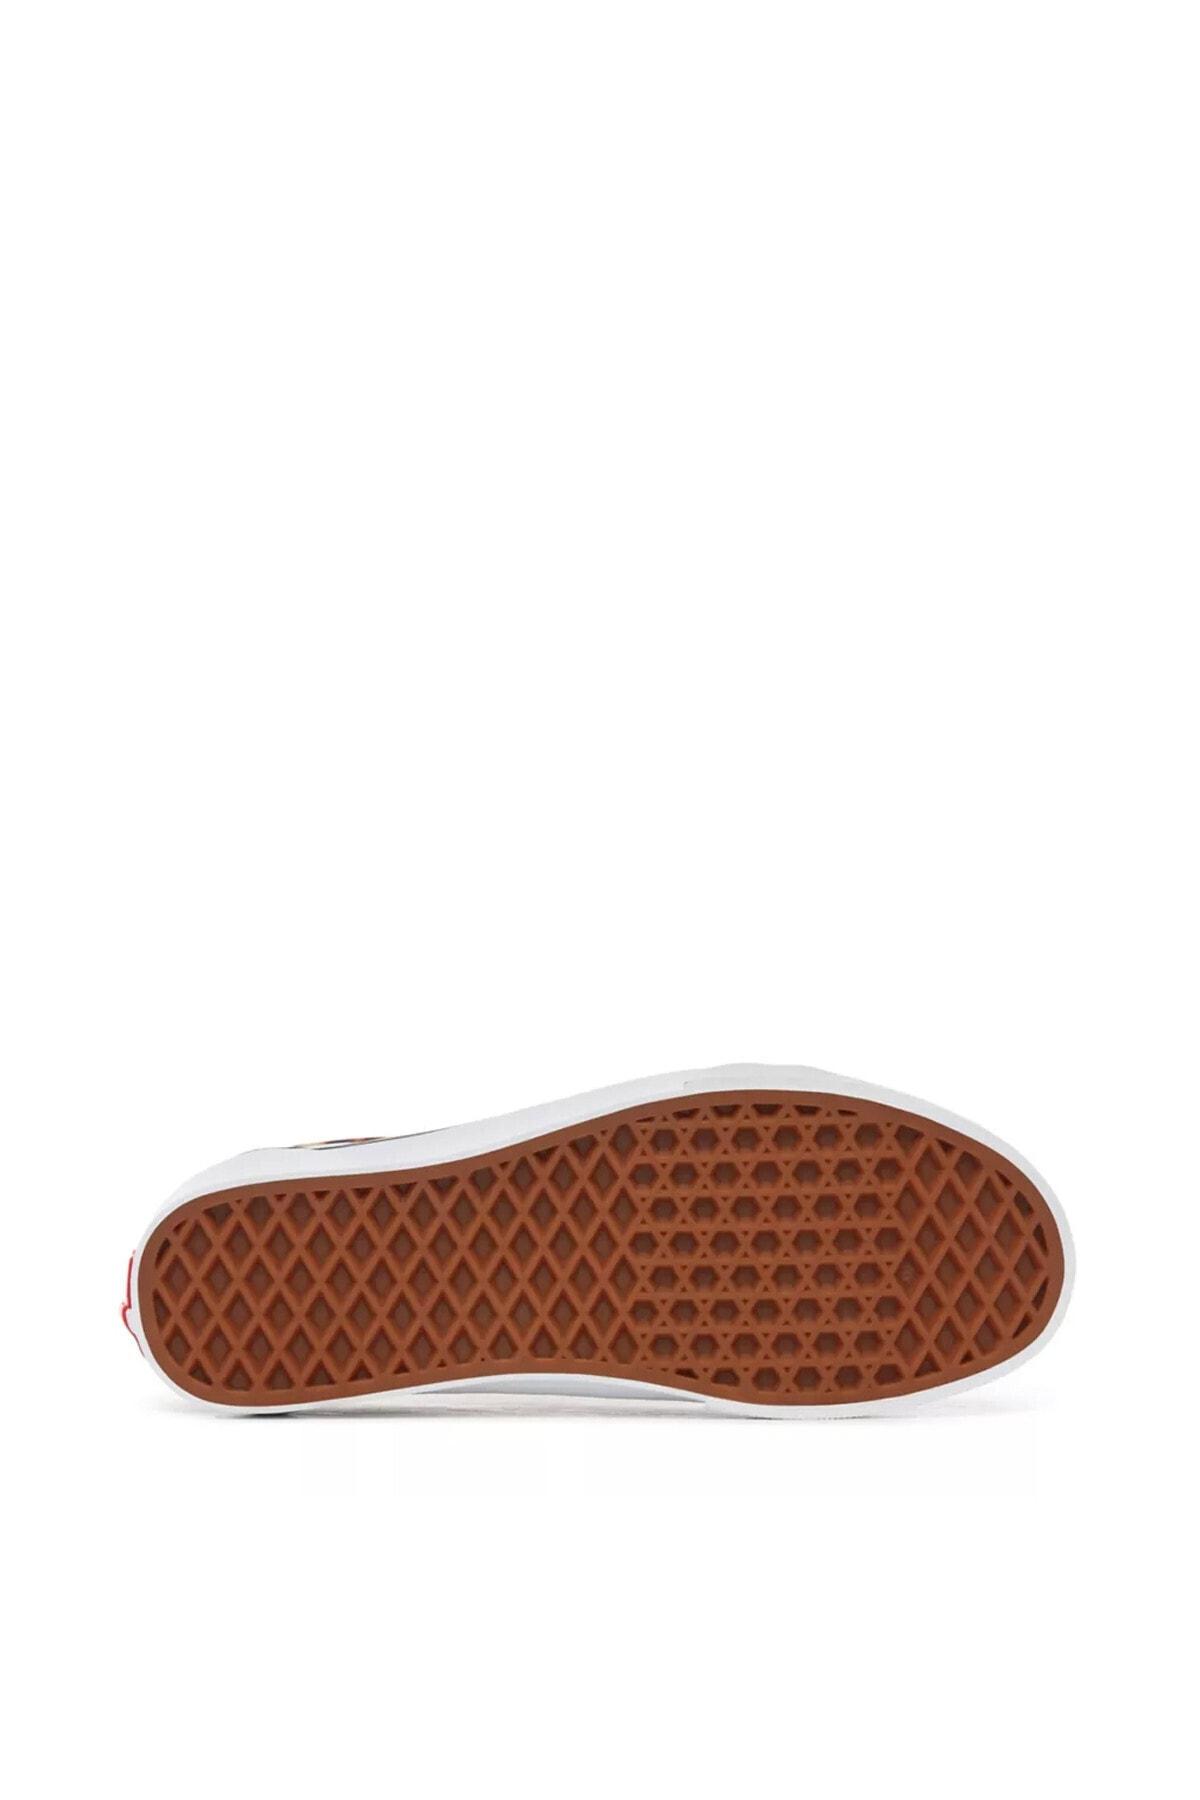 Vans Leopard Old Skool Kadın Ayakkabısı Vn0a4u3b3ı61